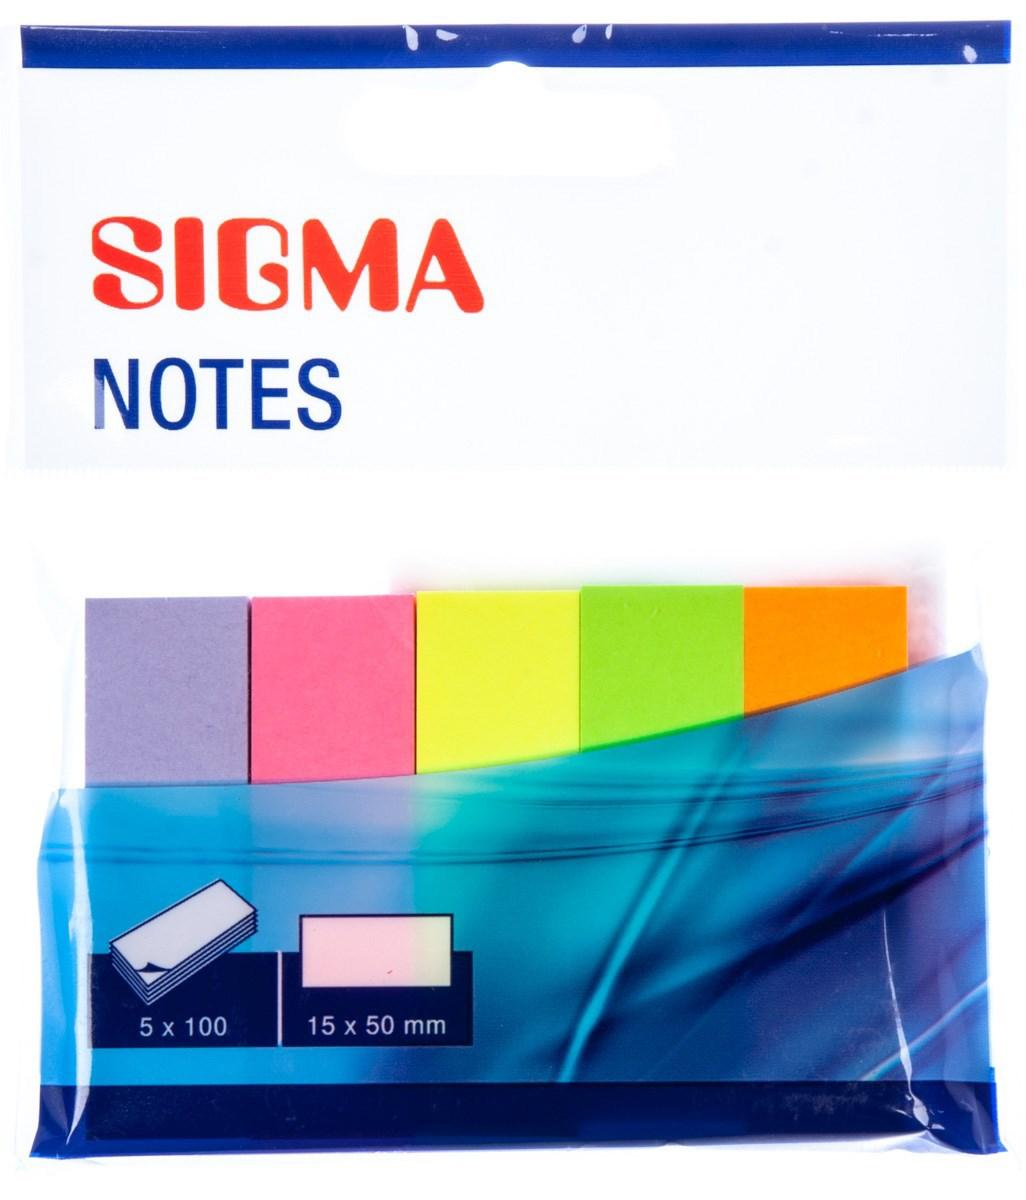 Záložka brilliant 100listov SIGMA 5ks